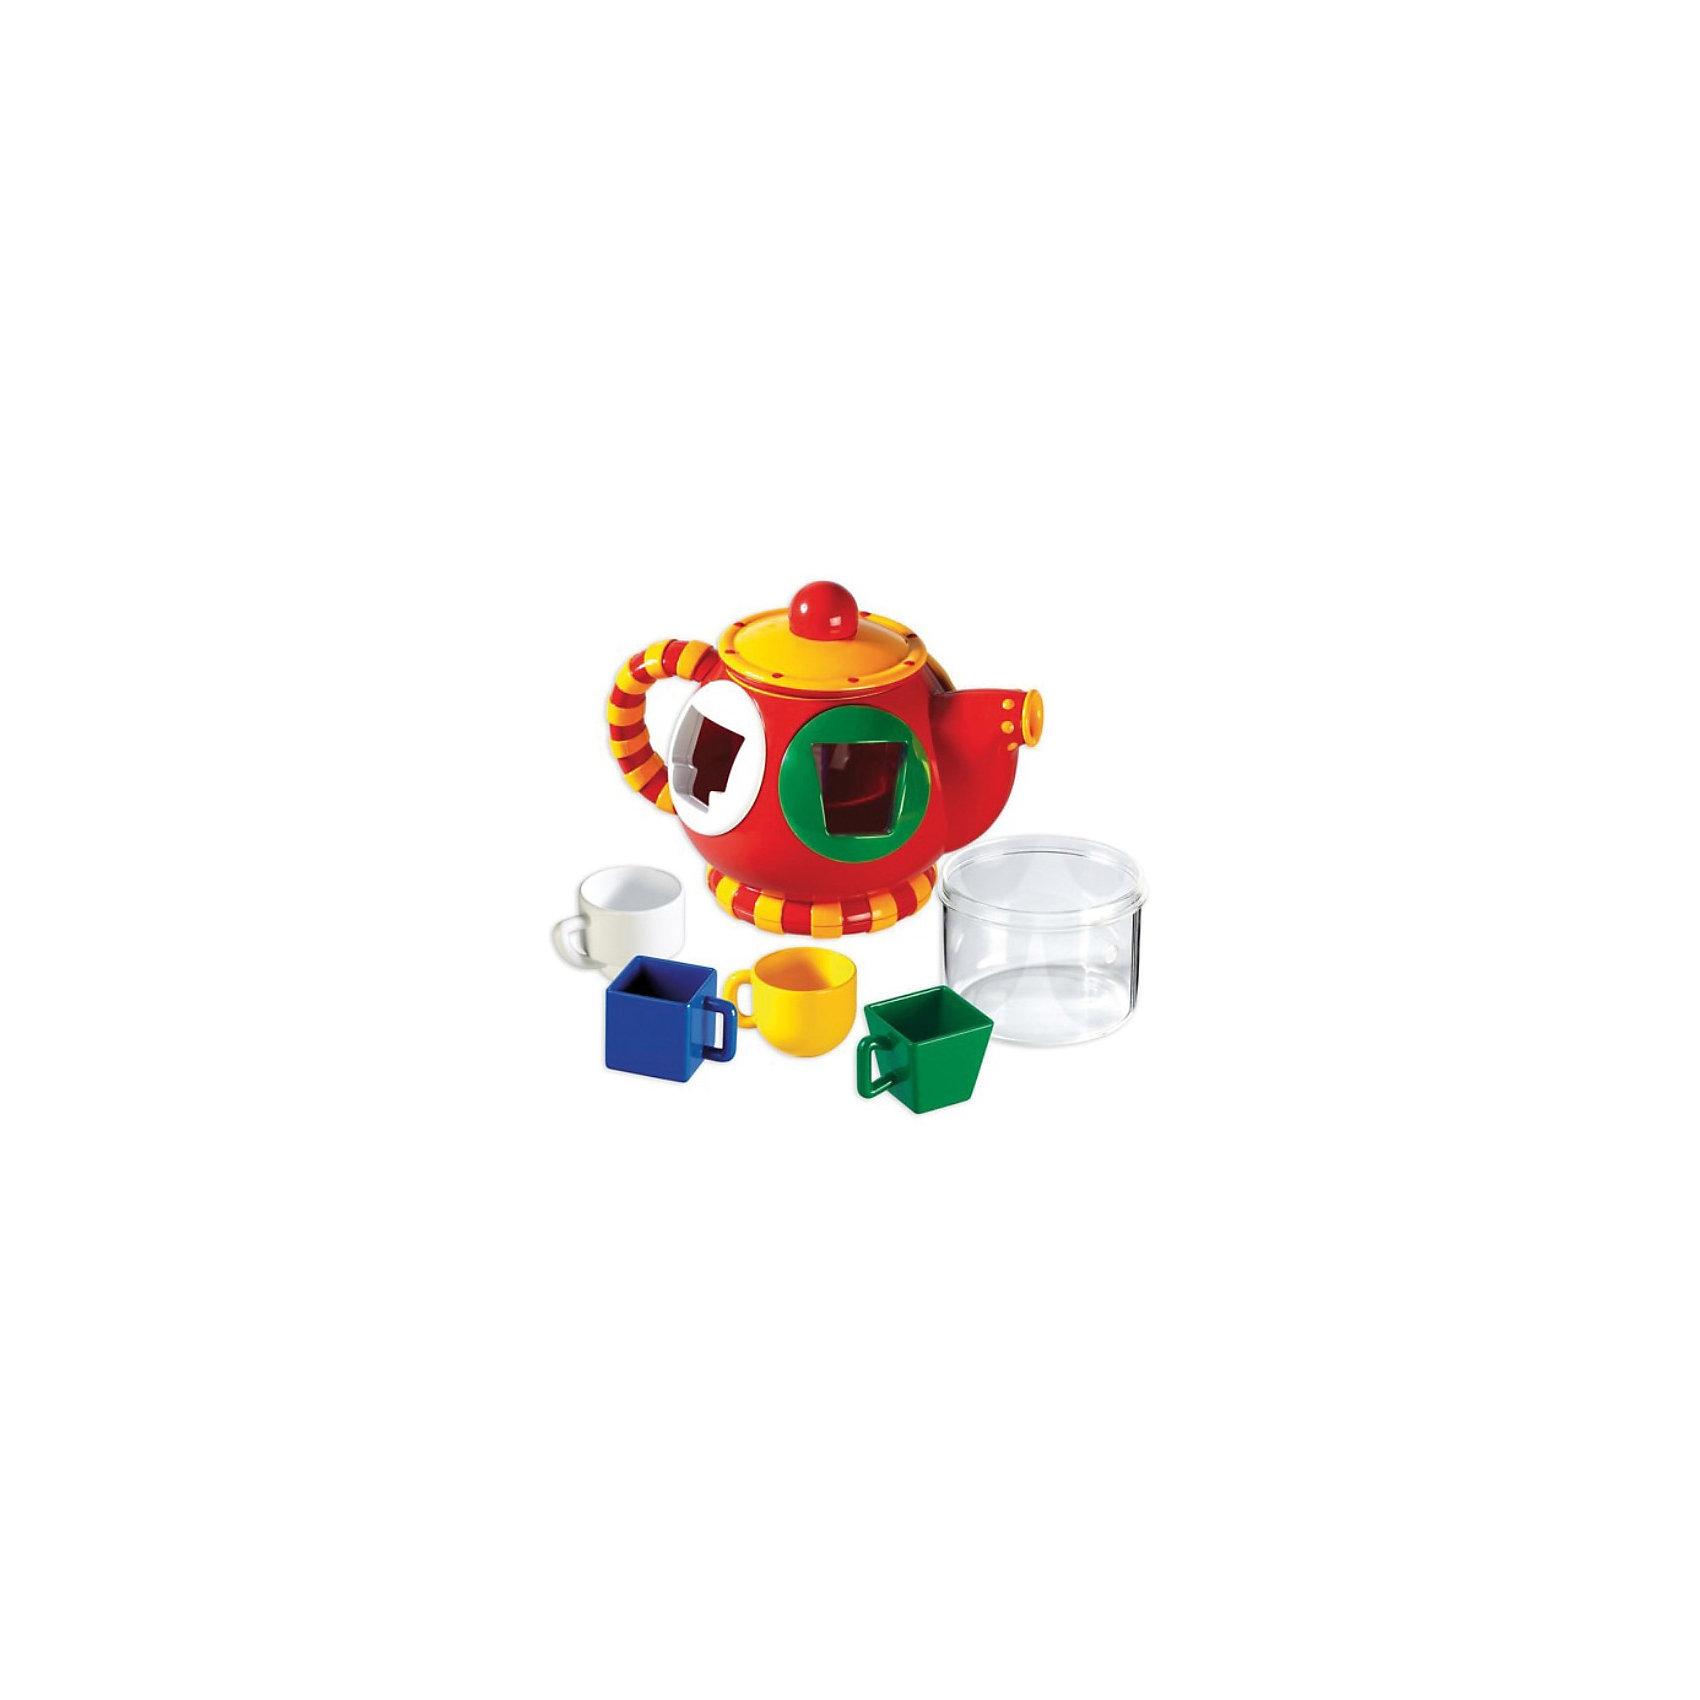 Сортер Чайник, TOLO CLASSICСортер Чайник, TOLO CLASSIC (ТОЛО КЛАССИК) – это уникальный игрушечный чайник, который имеет две функции: сортер и чайник.<br>Красочная игрушка в форме чайничка - это отличный повод позвать любимых друзей на чаепитие! Игрушка представляет собой красный чайник с крышкой и носиком, внутри которого есть емкость для жидкости. 4 чашечки разной формы и цвета подойдут не только для ароматного чая, но и для увлекательной игры. Суть игры заключается в том, чтобы вставить чашечки в соответствующие отверстия на чайнике. Окантовка отверстий того же цвета, что и чашки-формочки, это подсказка малышу, чтобы он быстрее справился. Игра способствует развитию мелкой моторики, логики, понятия формы и цвета, воображения. <br>Игрушки Толо производятся из пластика самого высокого качества и гипоаллергенных красителей. Они абсолютно безопасны для малышей, не бьются, не ломаются, крепкие и прочные.<br><br>Дополнительная информация:<br><br>- В комплекте: чайник, крышка, прозрачная емкость-вставка для воды, 4 чашки<br>- Размер упаковки: 26 х 19 х 18 см.<br>- Материал: высококачественный пластик<br><br>Сортер Чайник, TOLO CLASSIC  (ТОЛО КЛАССИК) - обязательно понравится Вашему малышу.<br><br>Сортер Чайник, TOLO CLASSIC (ТОЛО КЛАССИК) можно купить в нашем интернет-магазине.<br><br>Ширина мм: 270<br>Глубина мм: 120<br>Высота мм: 190<br>Вес г: 950<br>Возраст от месяцев: 12<br>Возраст до месяцев: 60<br>Пол: Унисекс<br>Возраст: Детский<br>SKU: 3689028